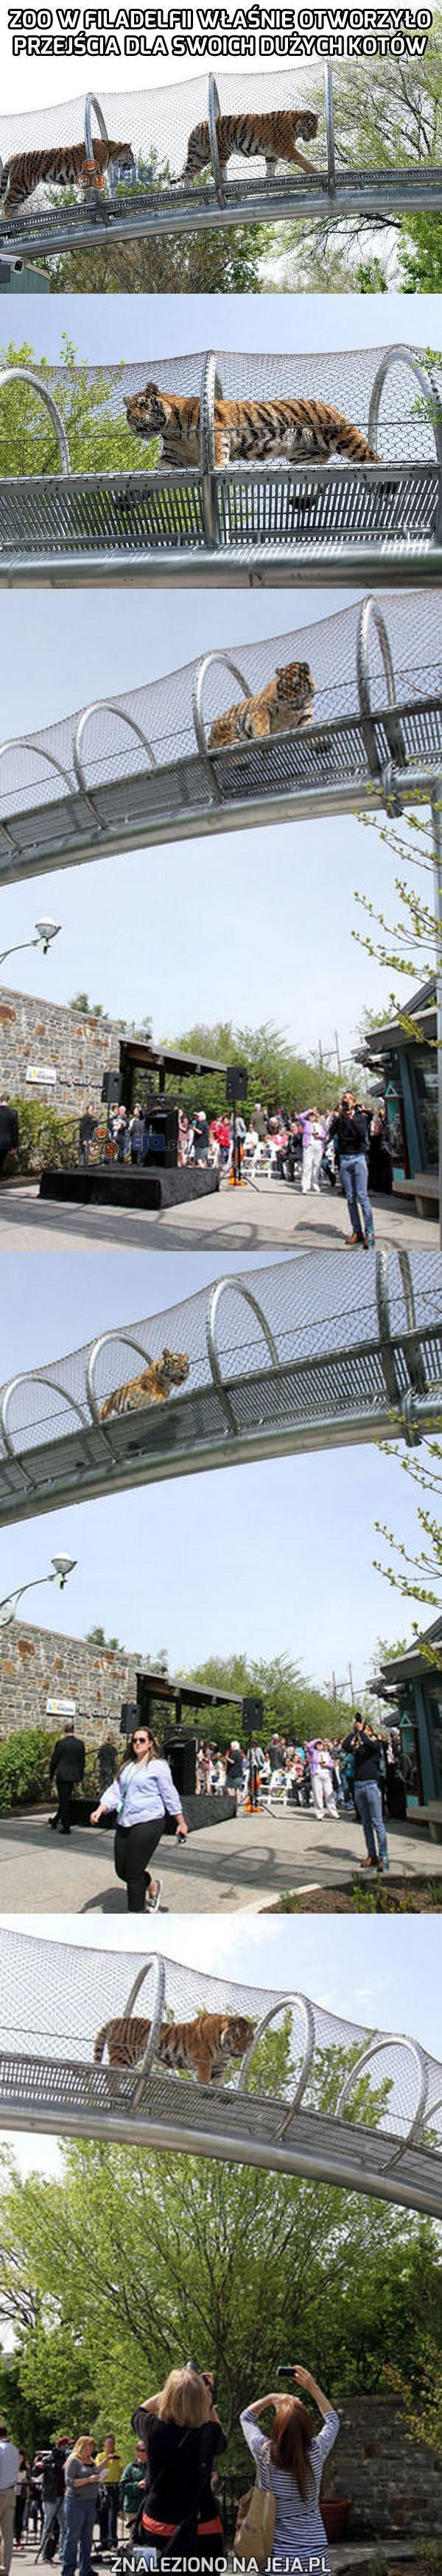 Niesamowita atrakcja w zoo